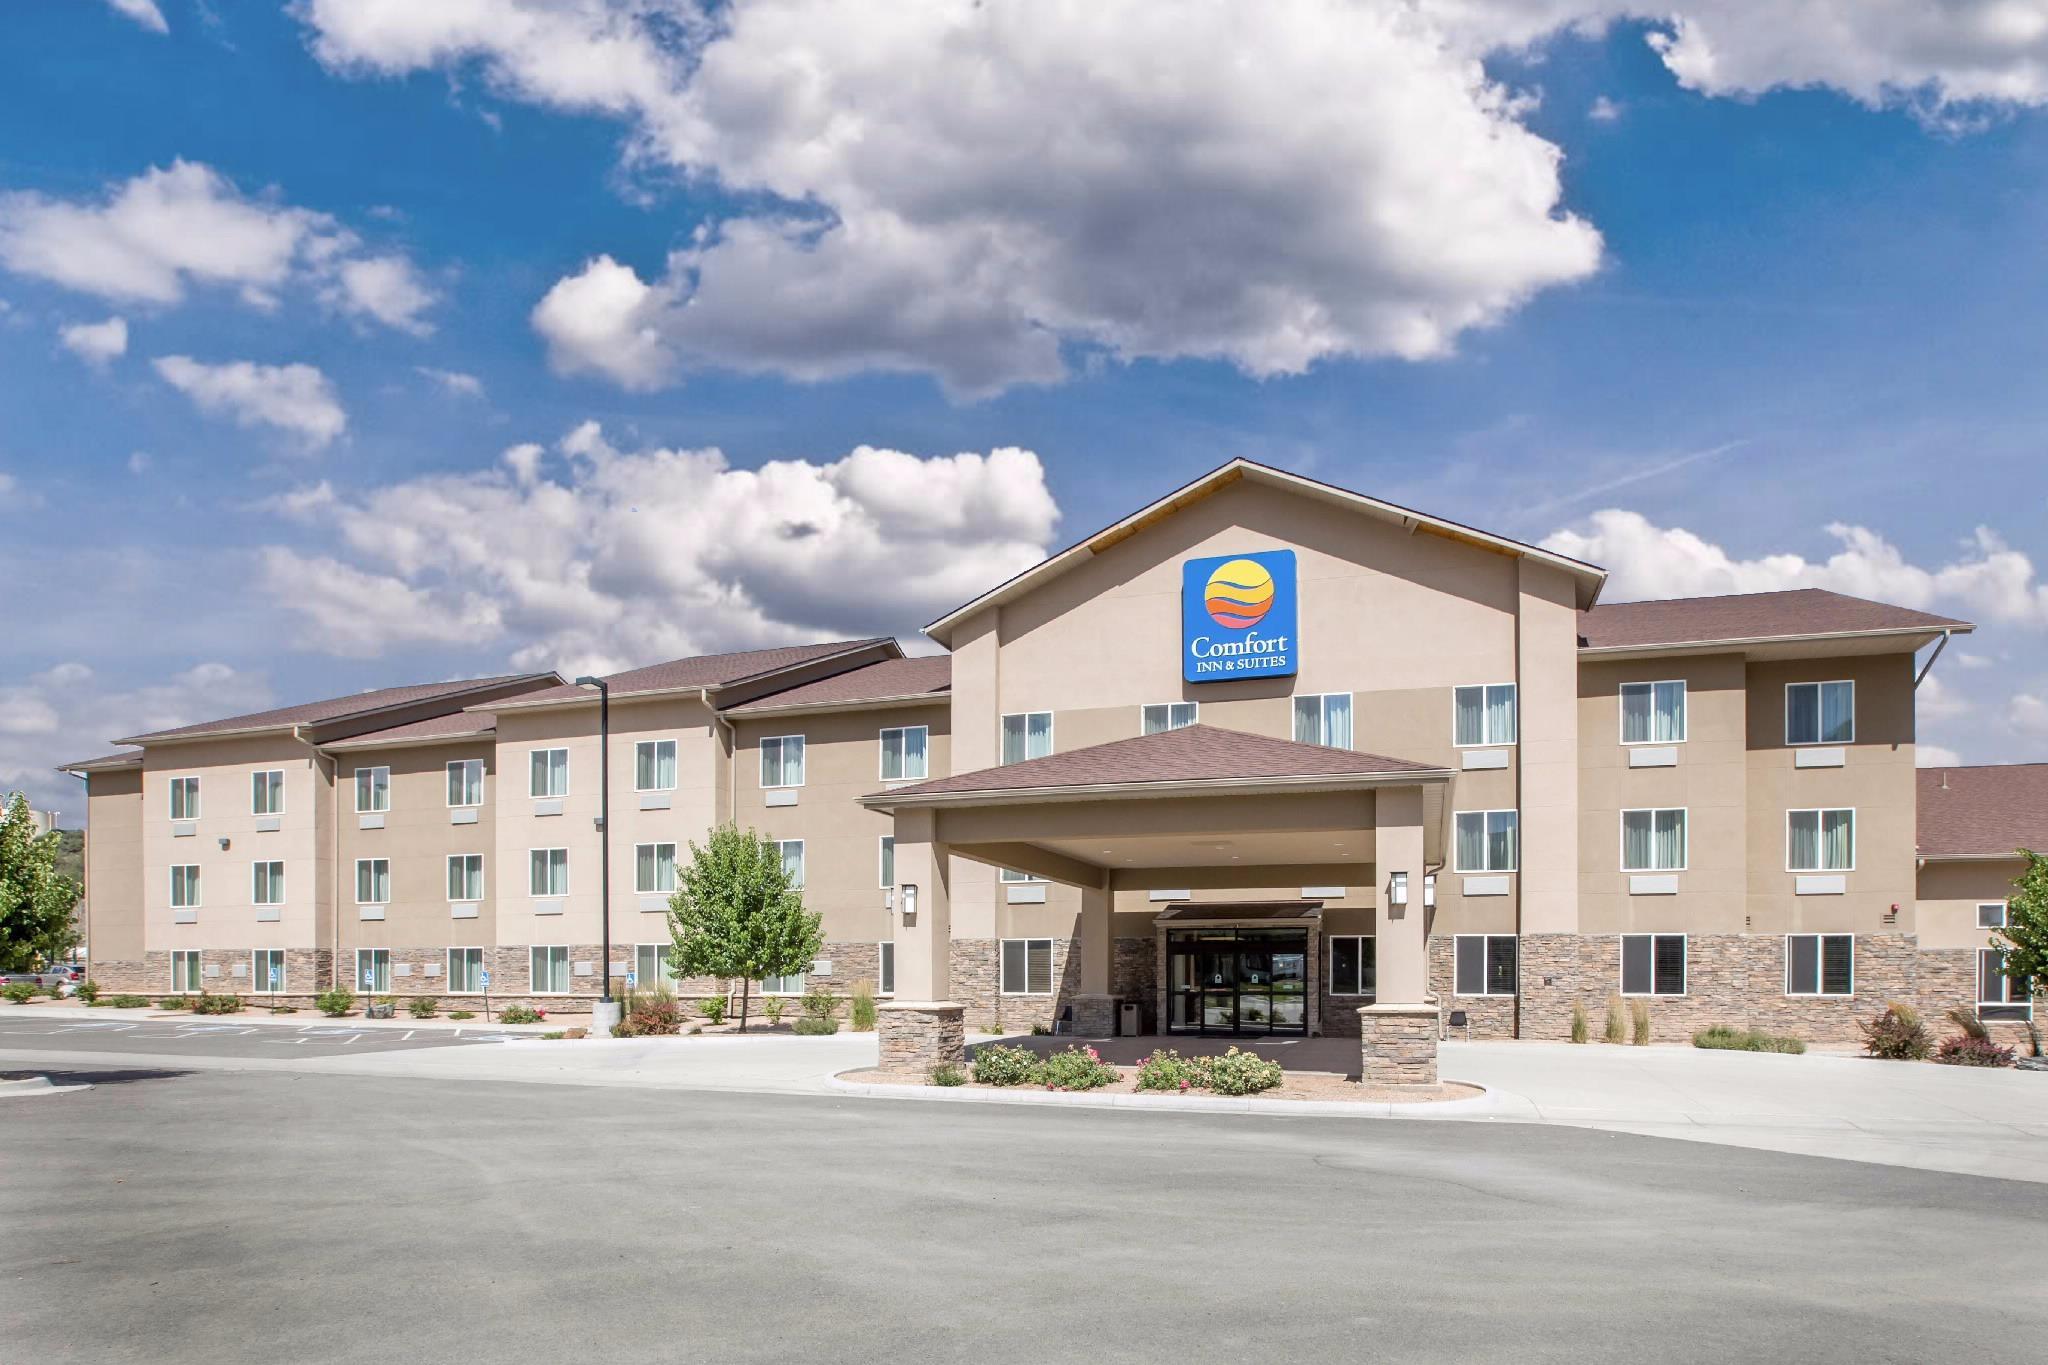 Comfort Inn & Suites, Parachute CO